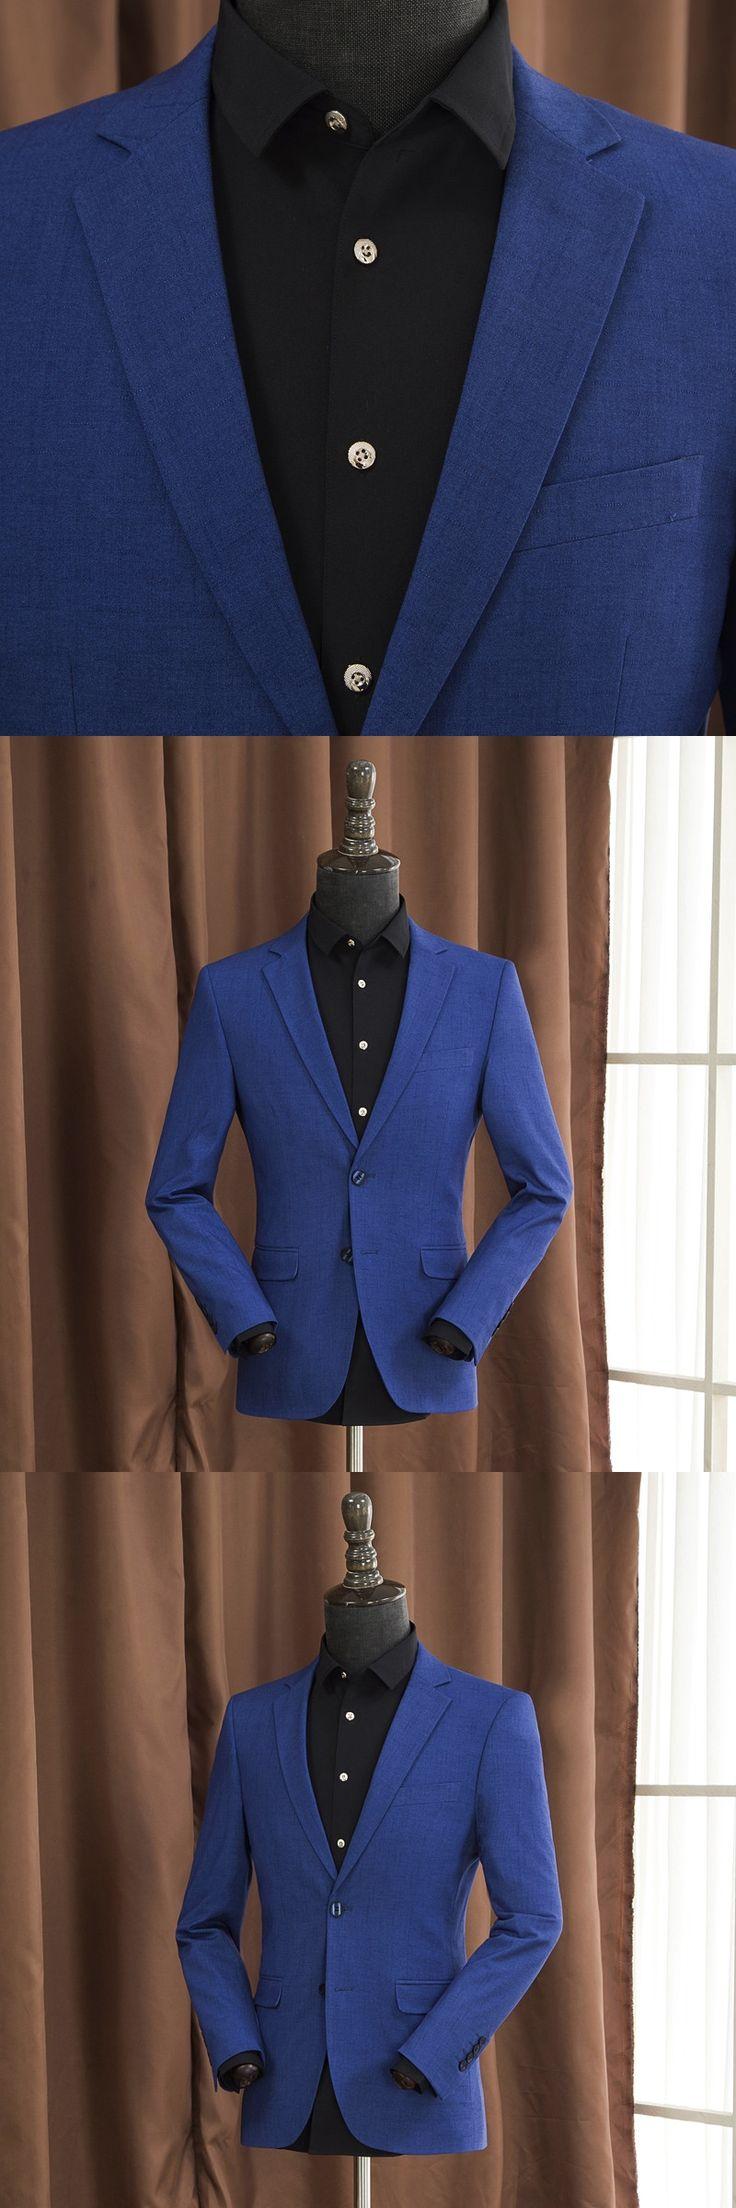 Autumn Men Casual Blazers Fashion Male Business Suit Jacket Plus Size M-4Xl Slim Solid Color Men Blazer A5111